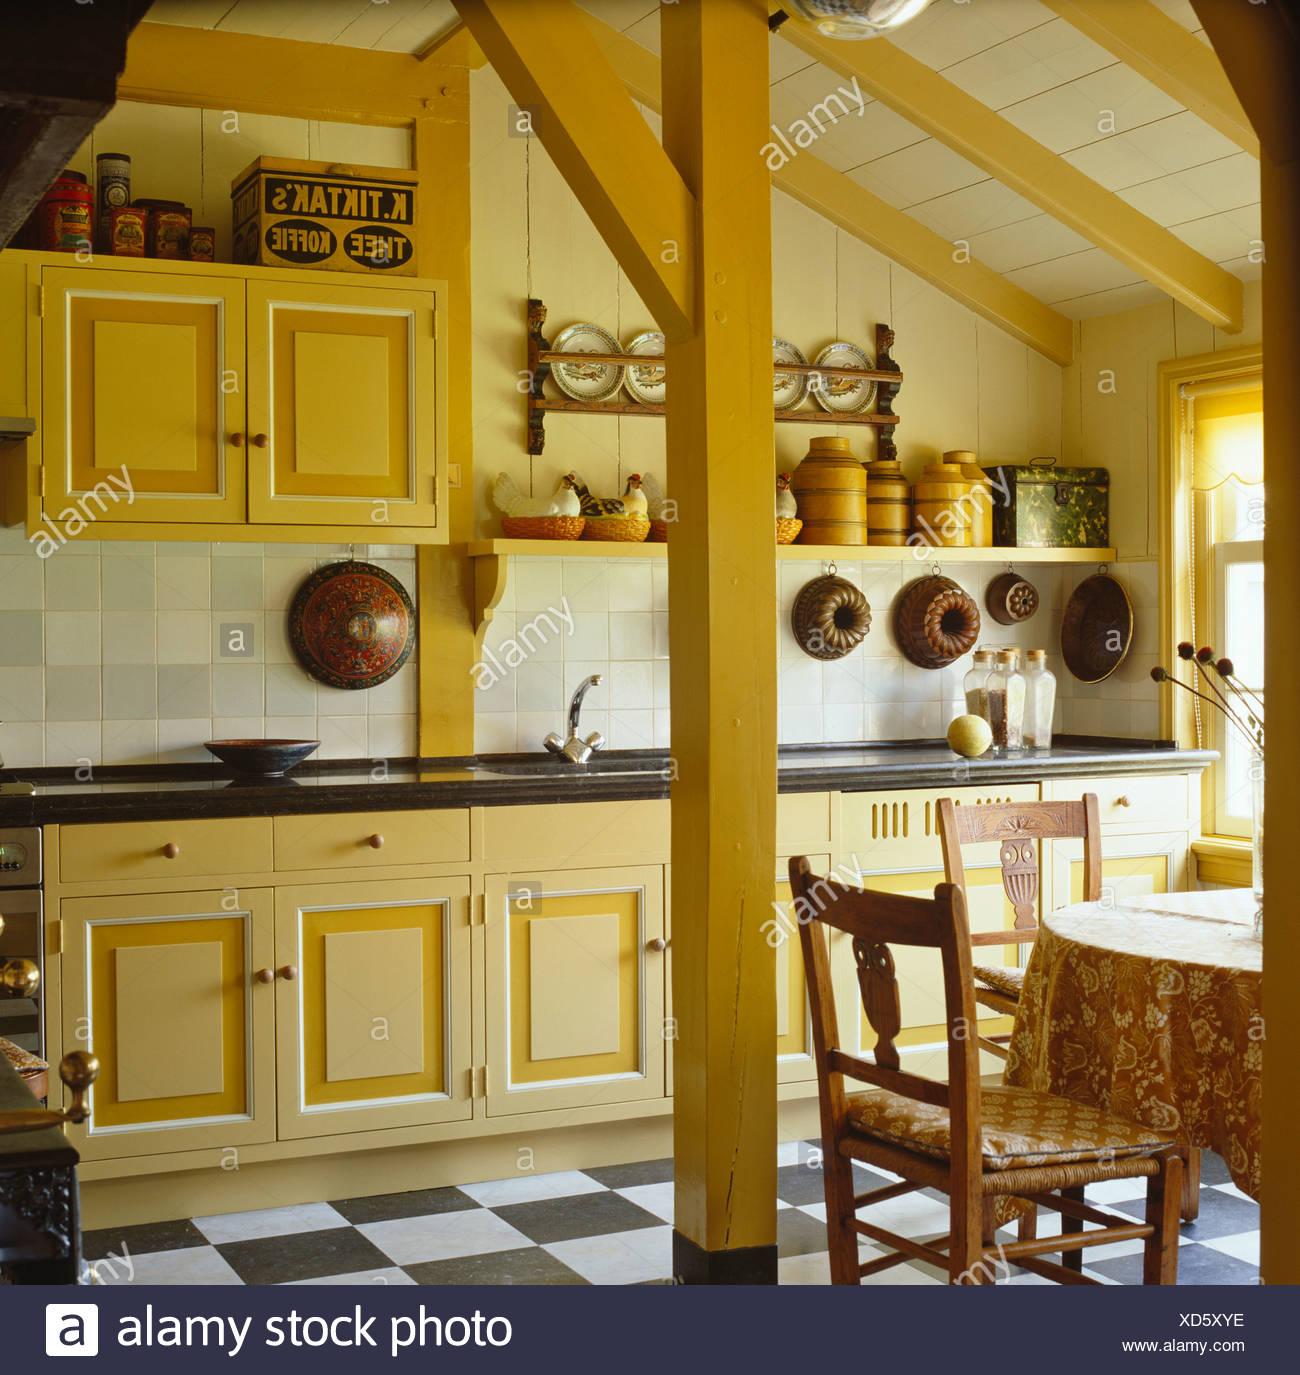 Creme Mit Gelben Ausfuhrlich Landhauskuche Mit Gelb Bemalten Balken